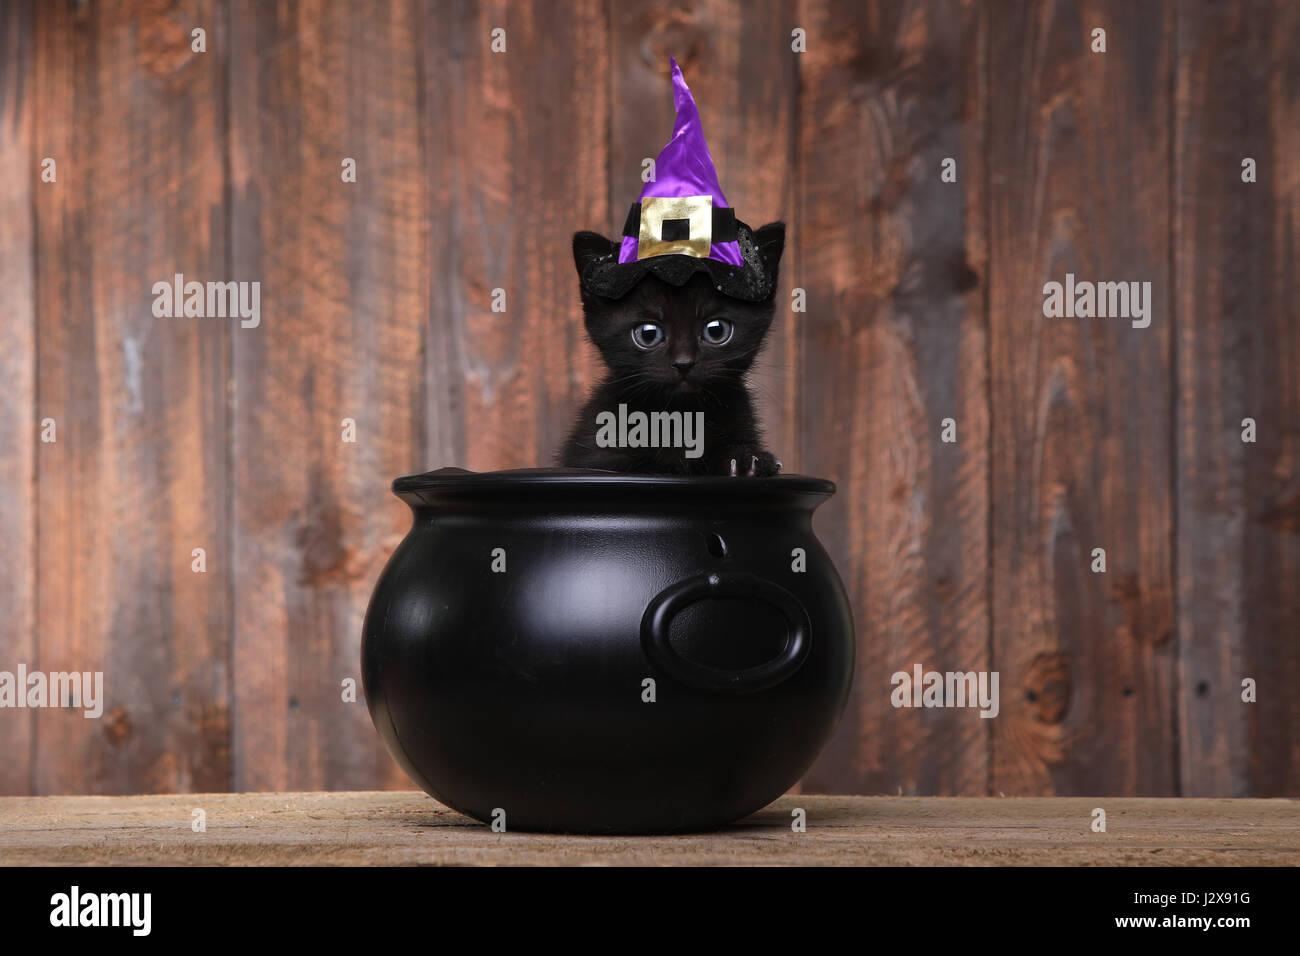 Witch Cat Stockfotos & Witch Cat Bilder - Alamy